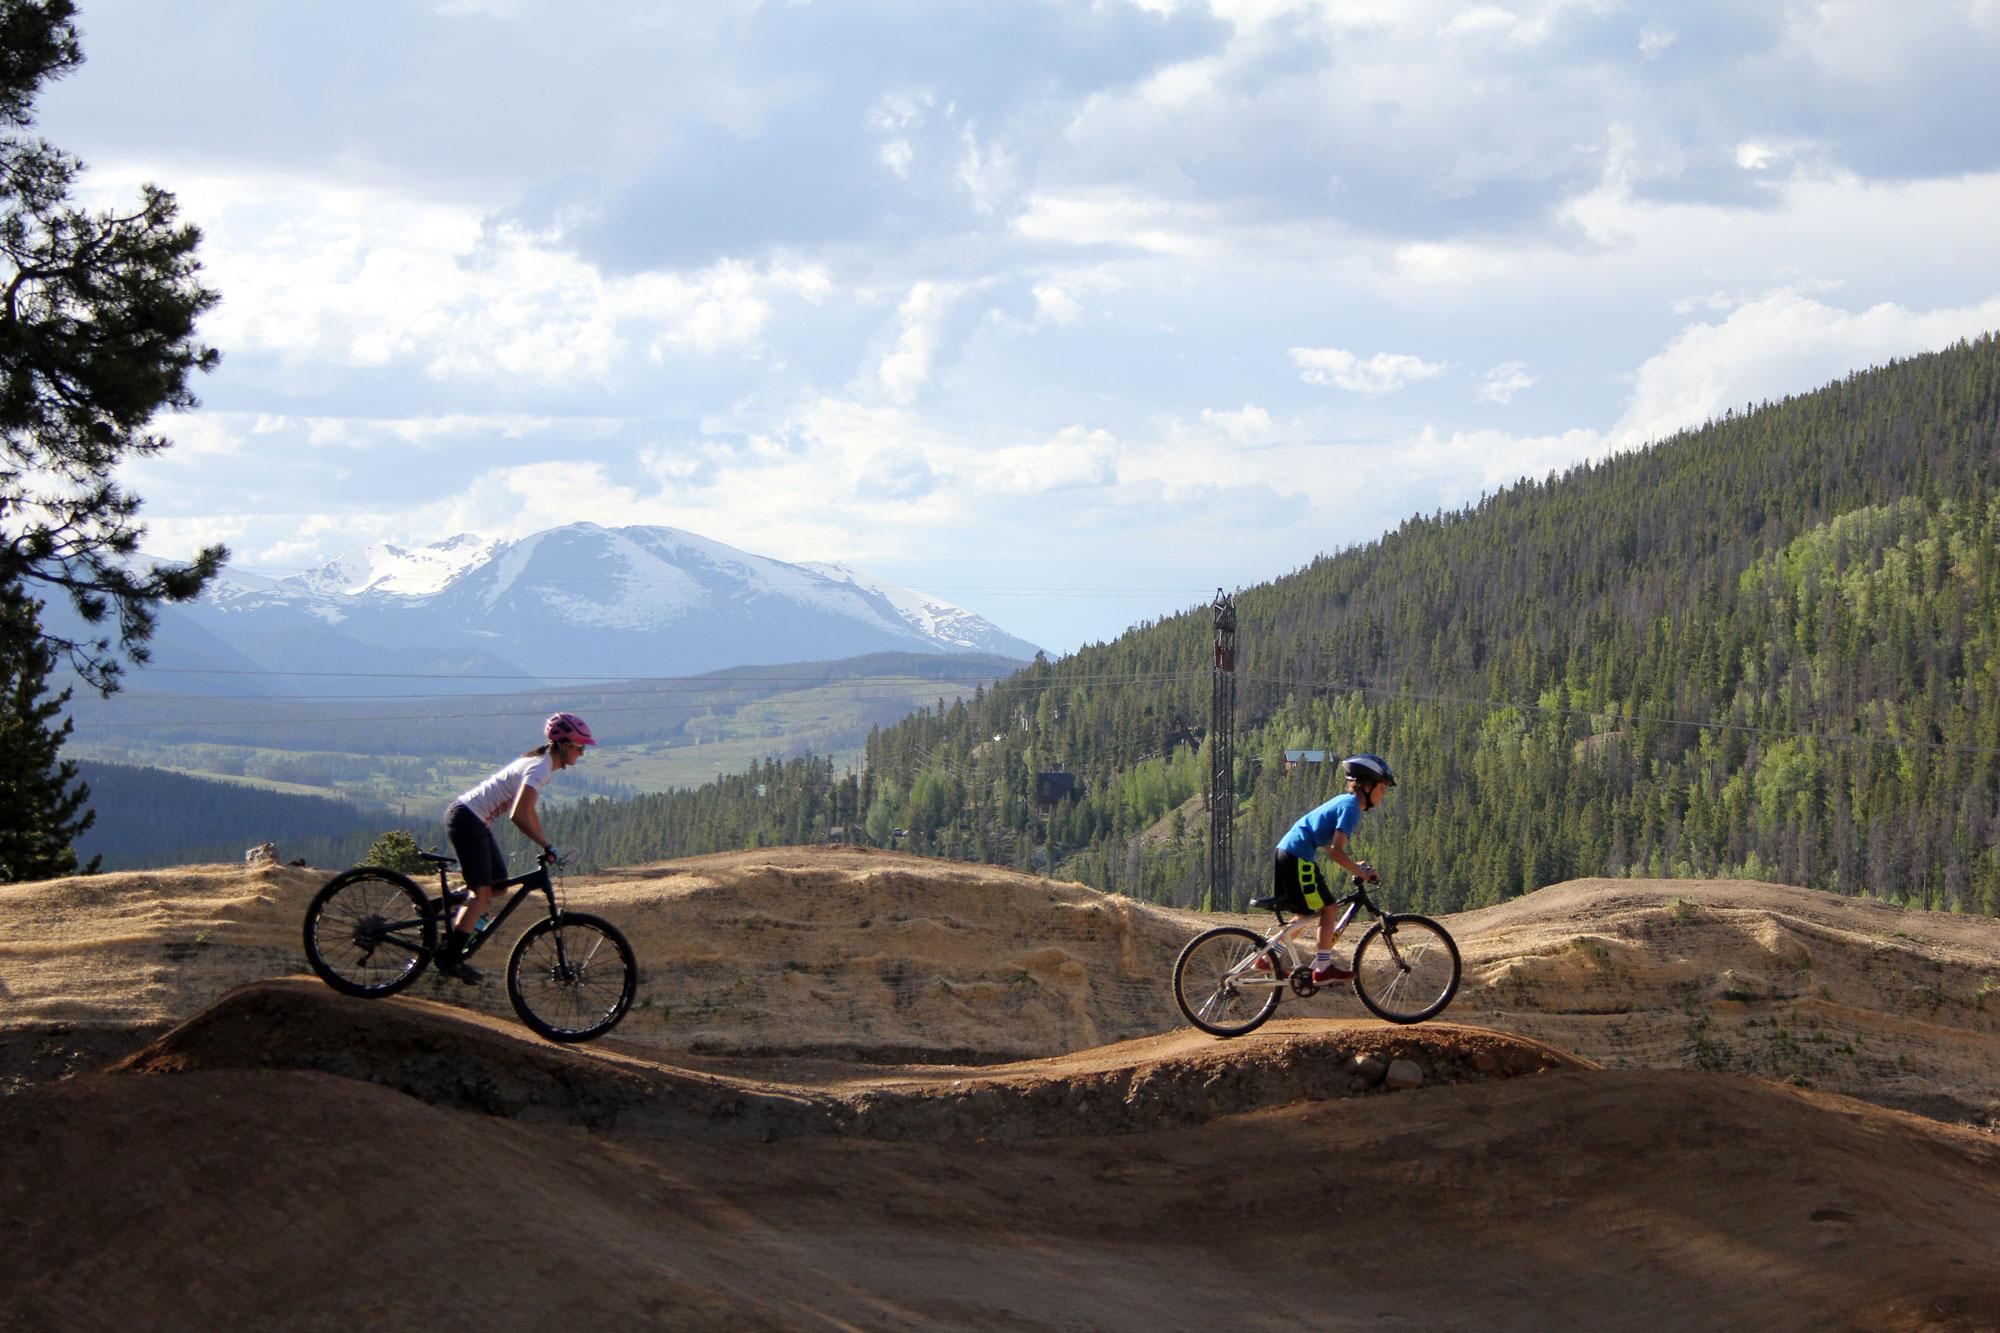 Colorado Trail Design | Elevated Trail Design